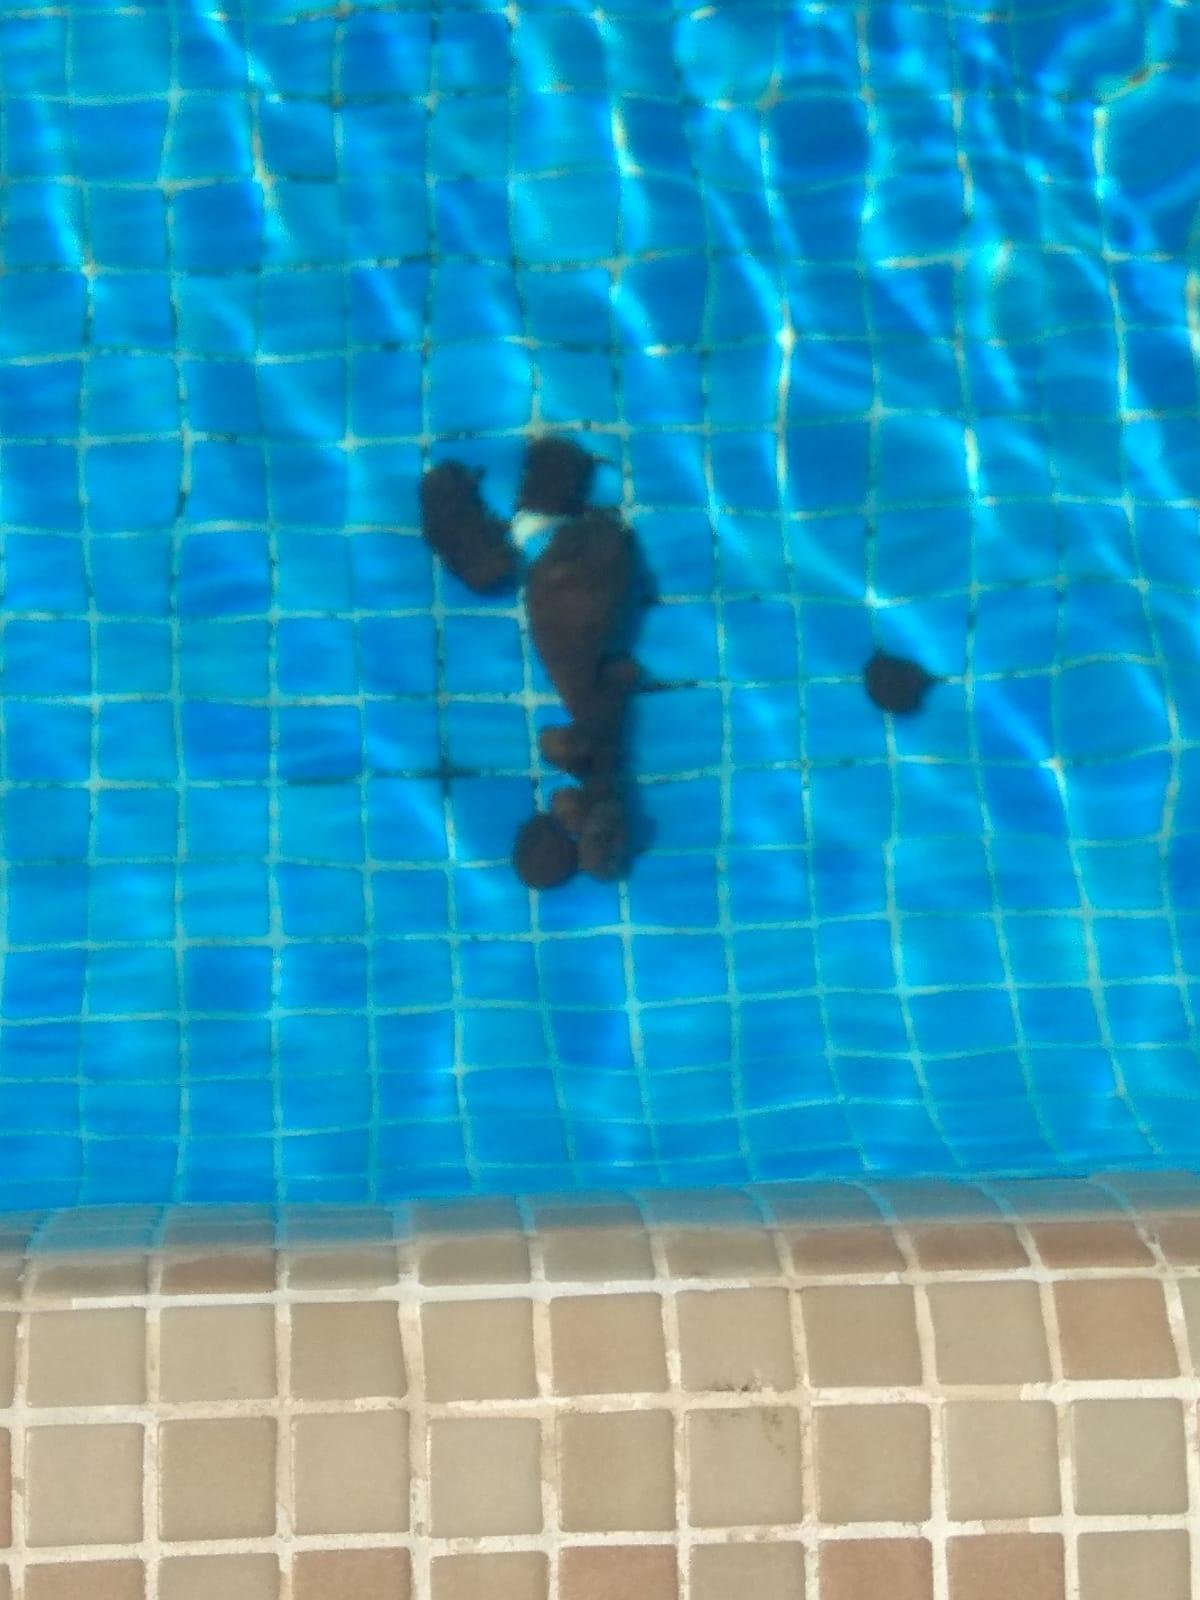 La defecació a la piscina